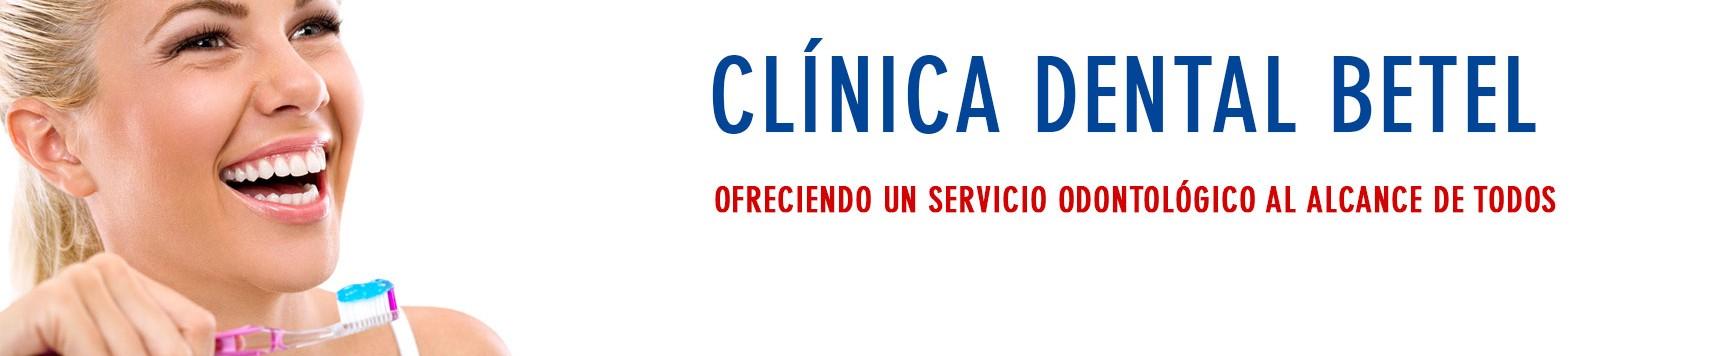 Clínica dental Betel